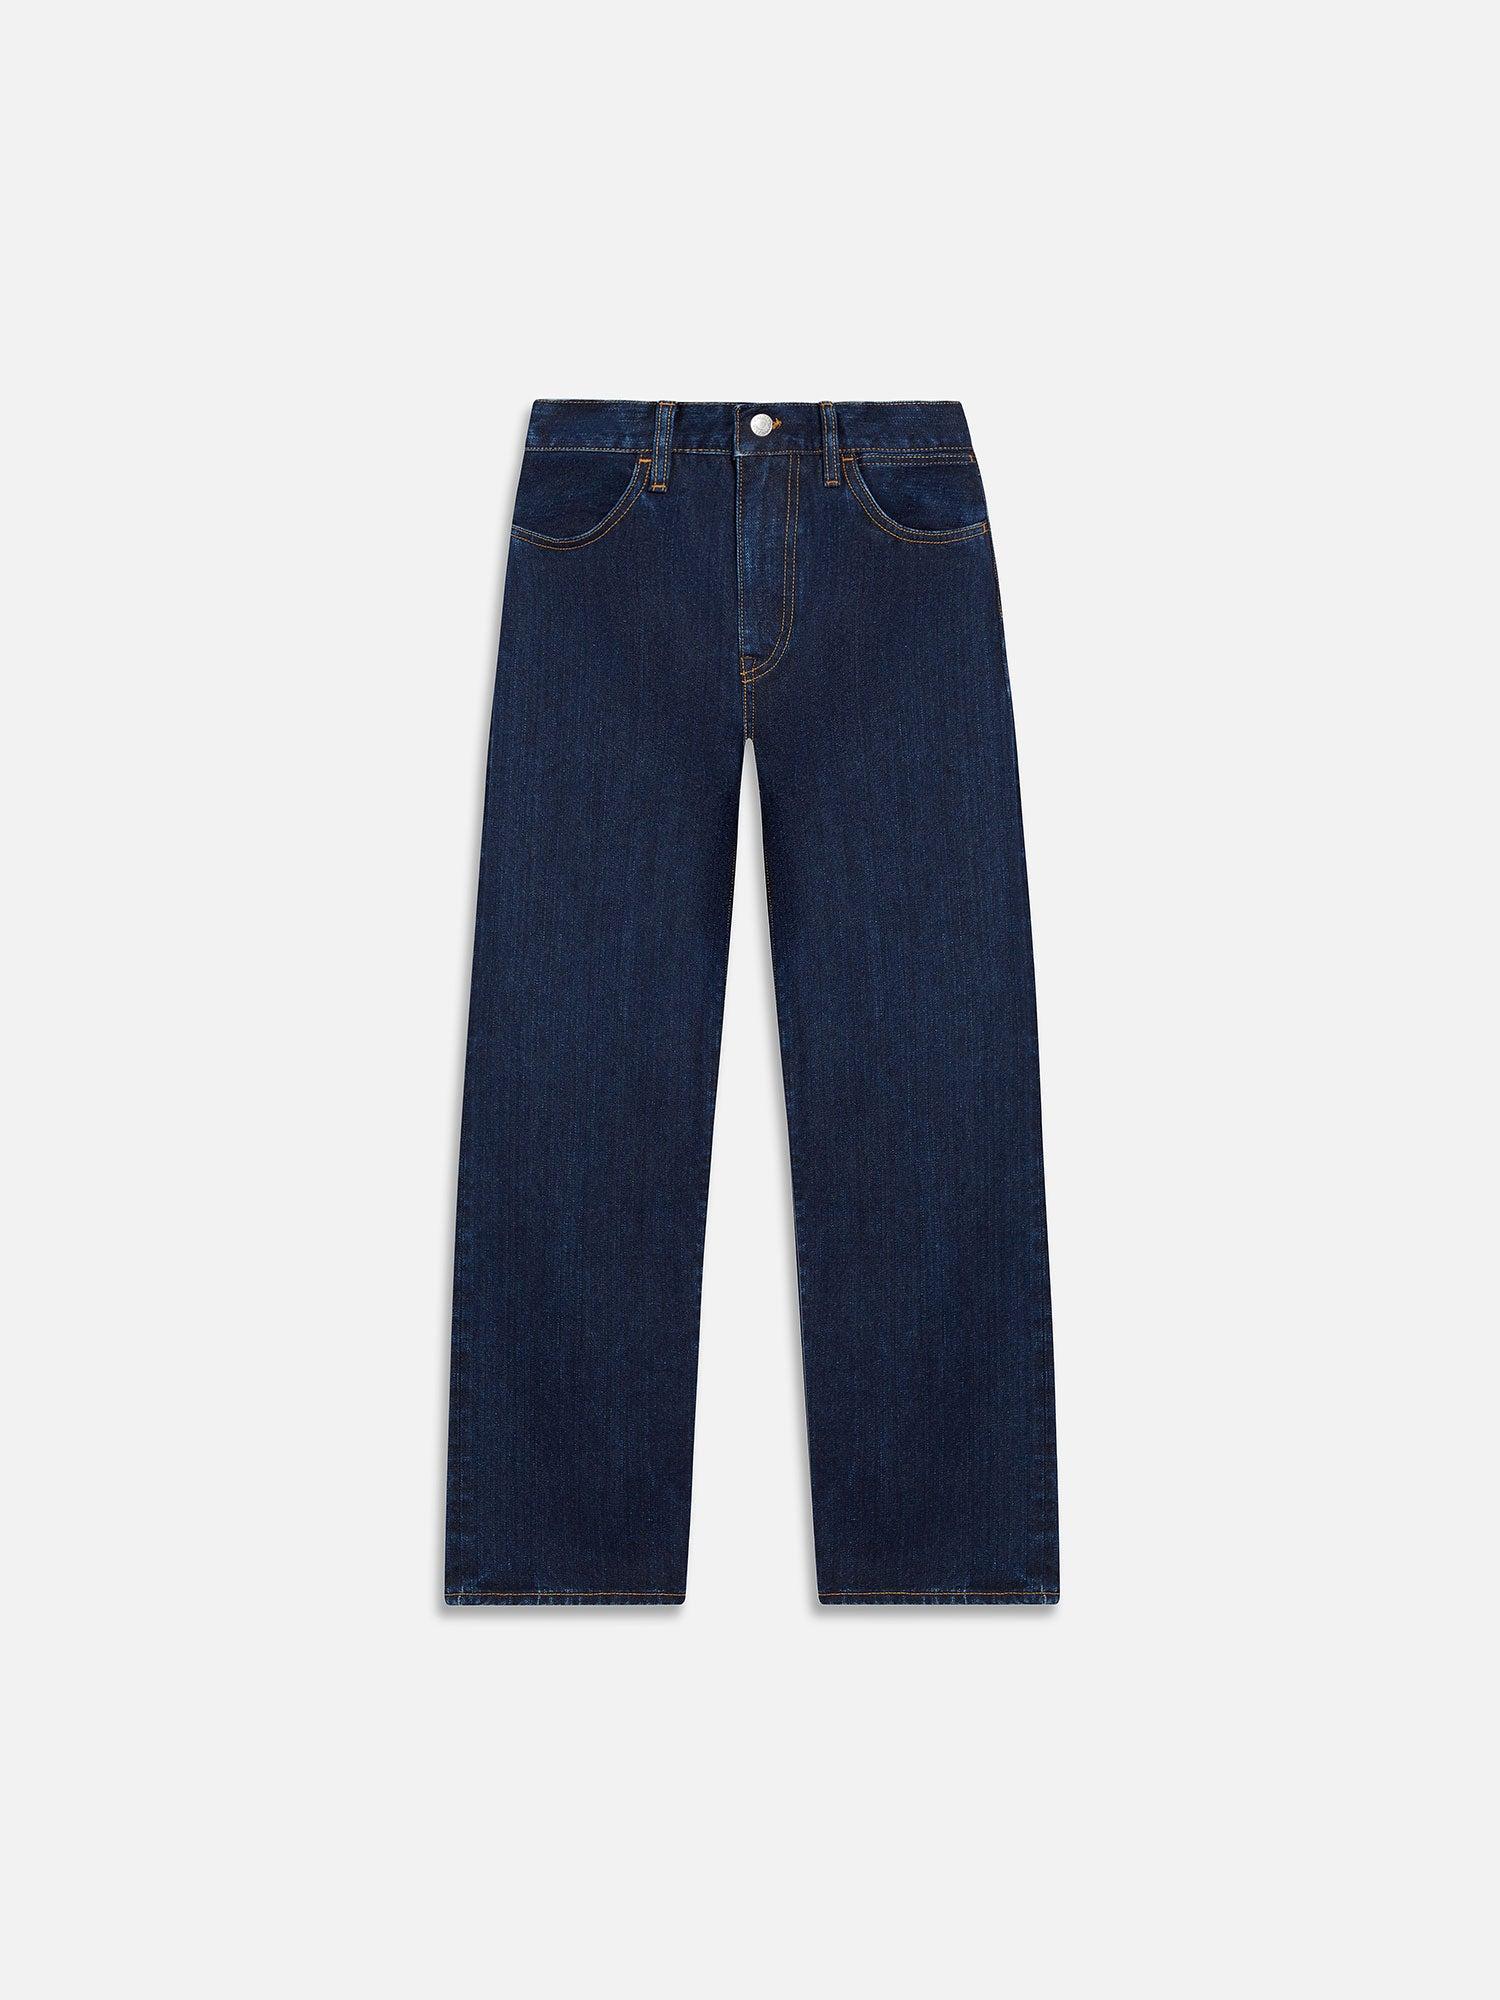 Women's Nettle Denim High-Rise Jeans